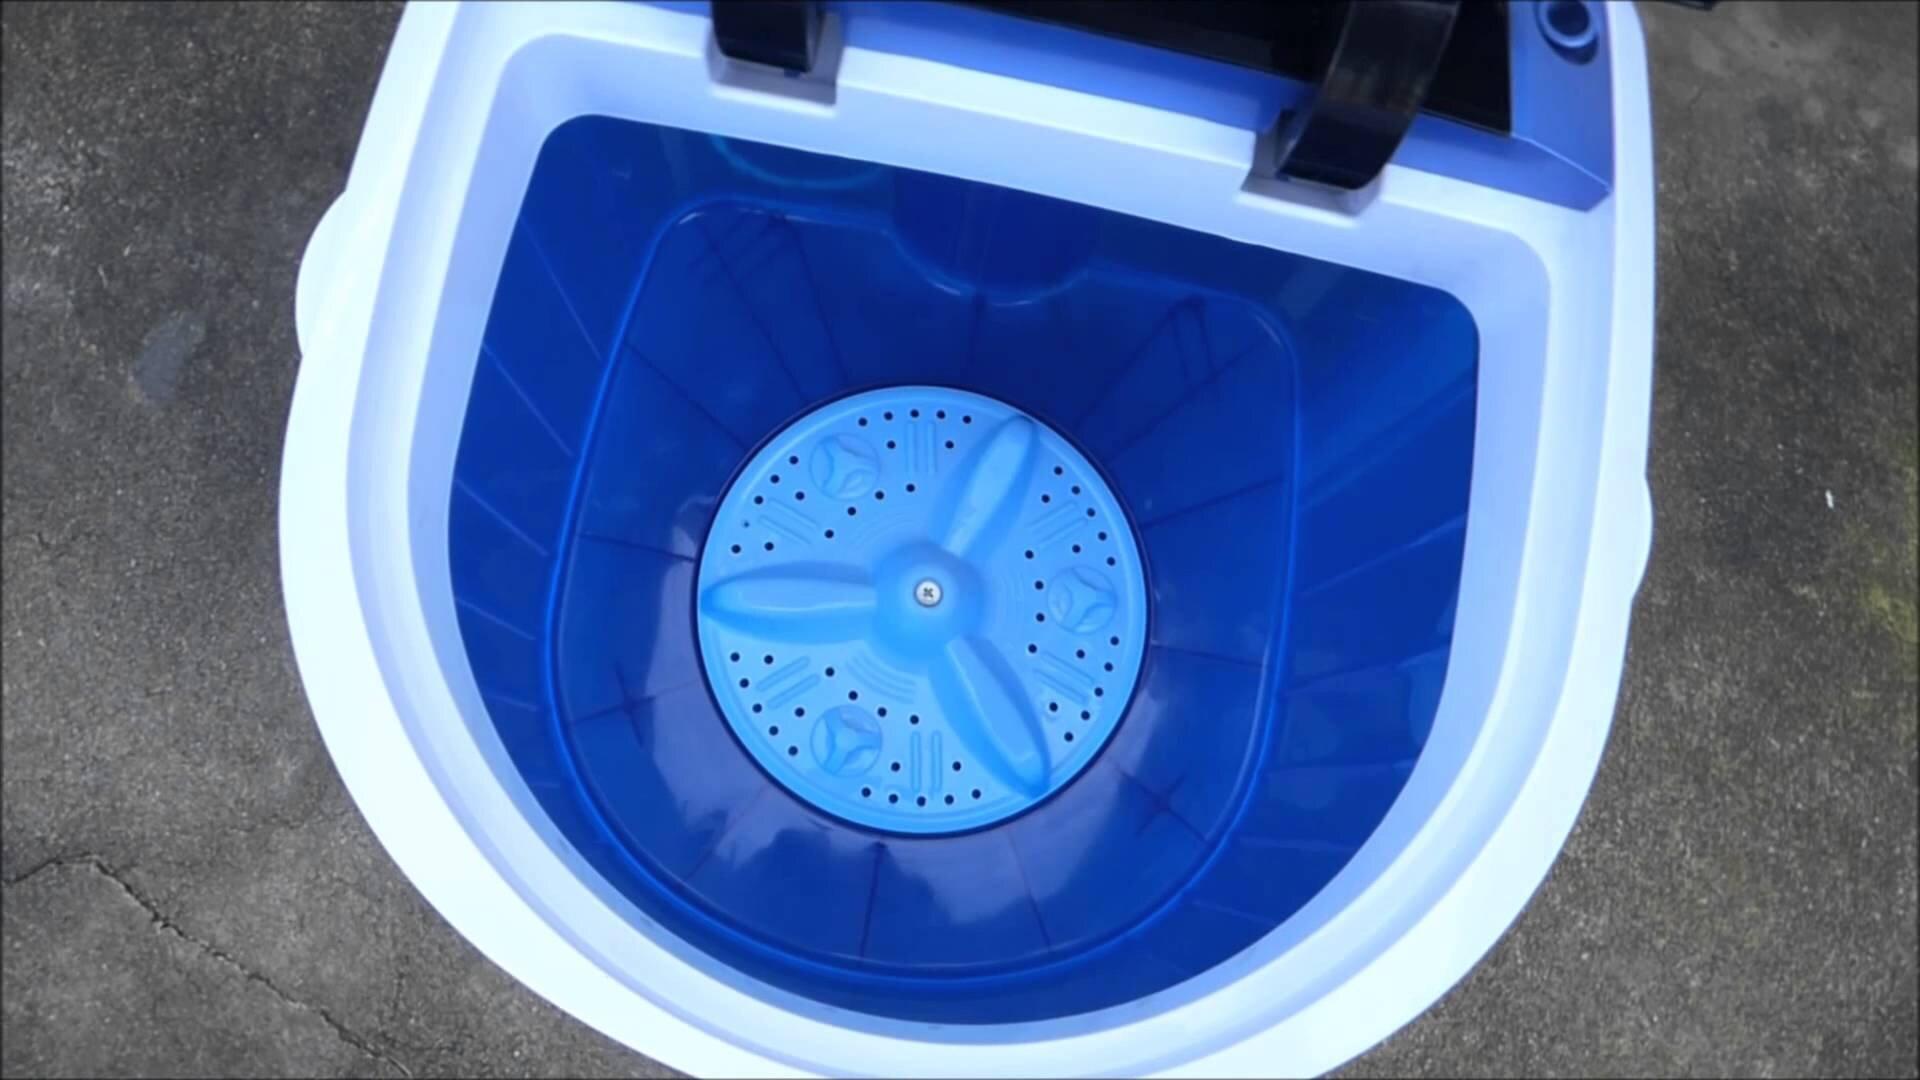 Máy giặt mini giá bao nhiêu tiền?